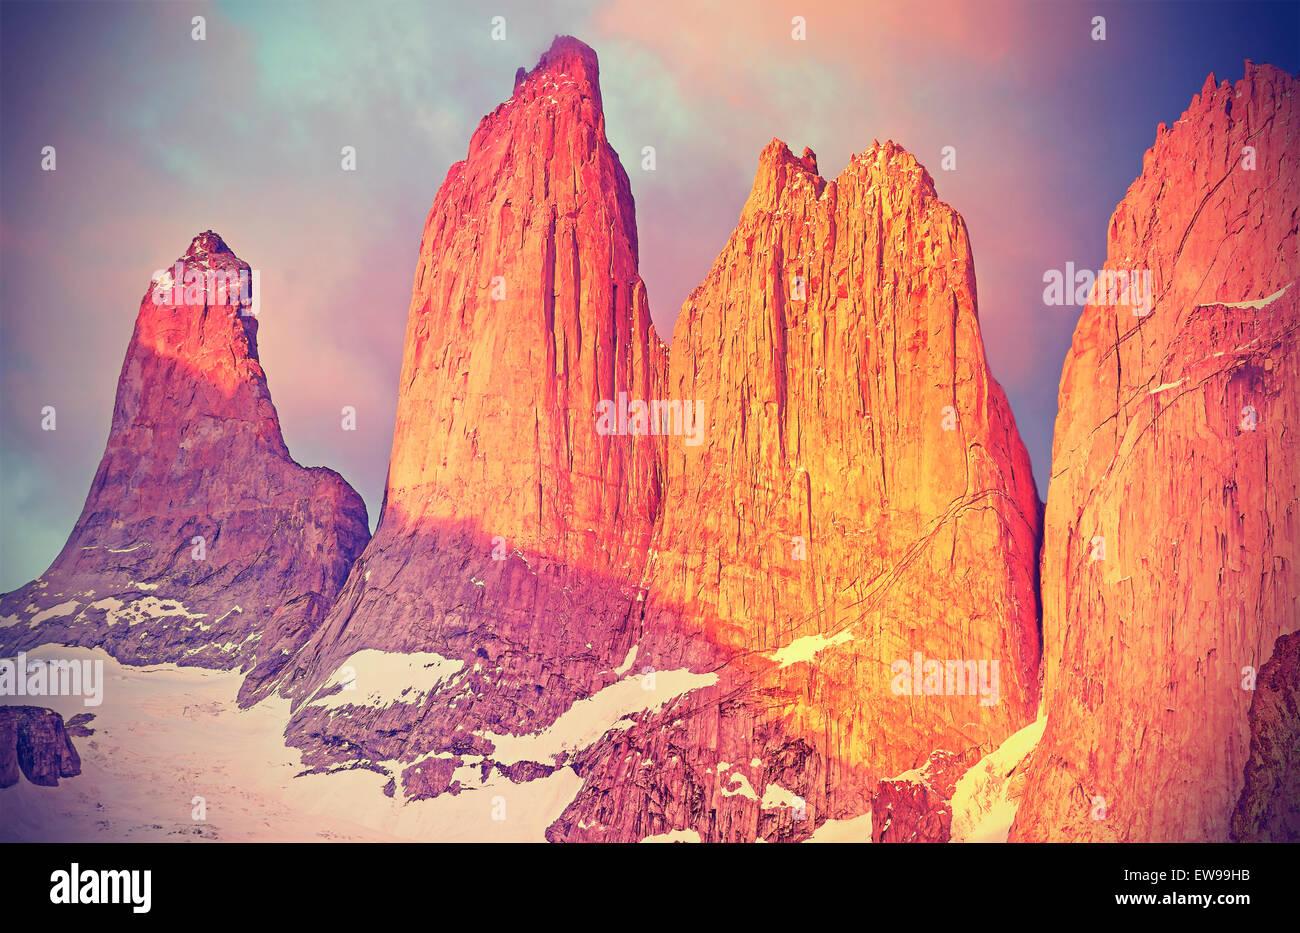 Lever du soleil sur les montagnes de Torres del Paine, en Patagonie, au Chili. Photo Stock